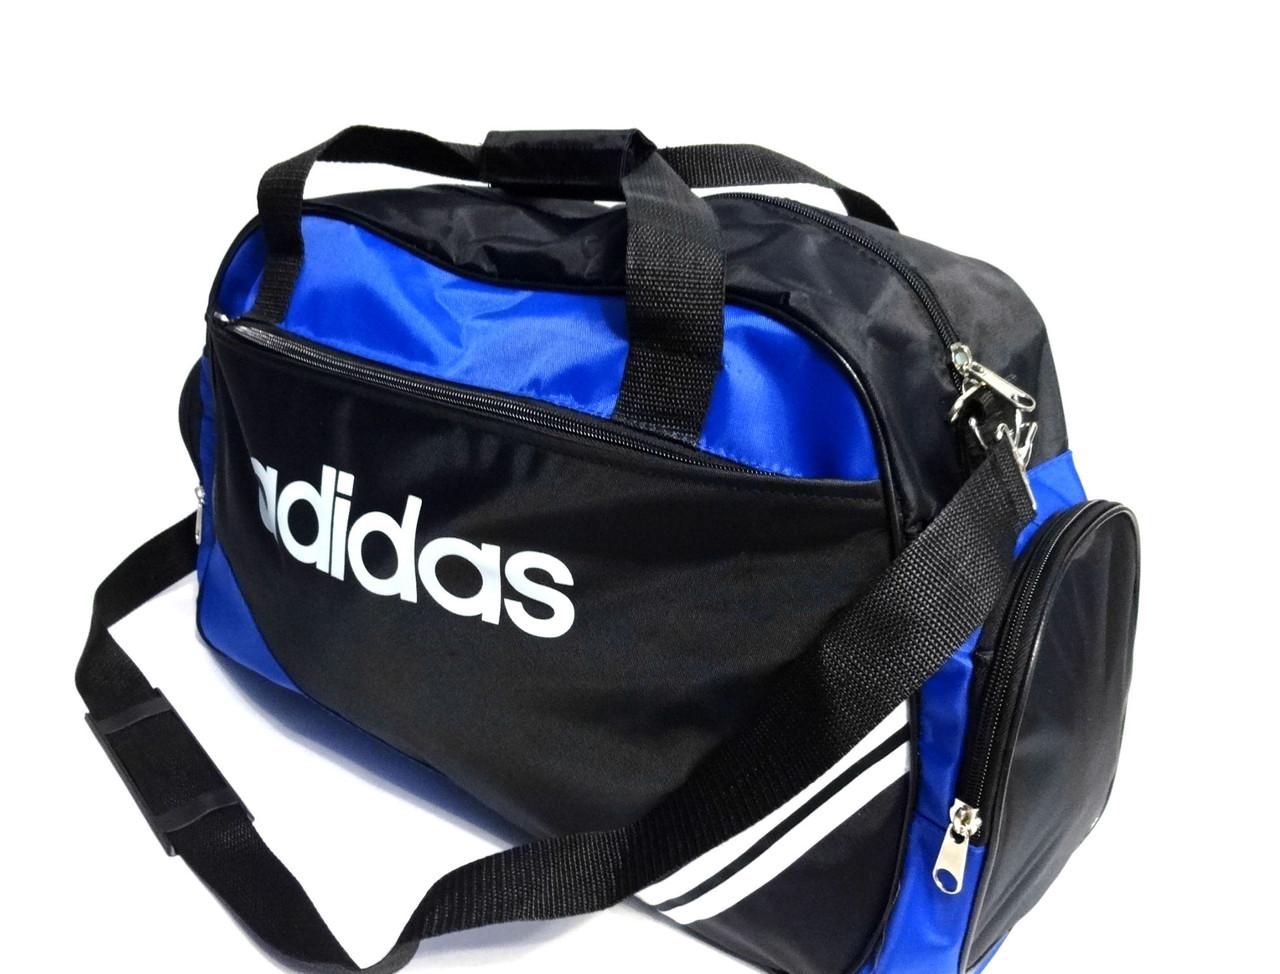 57924ae32008 Спортивная сумка Adidas ( Адидас ) . Черная с голубым . 4 отделения реплика,  фото